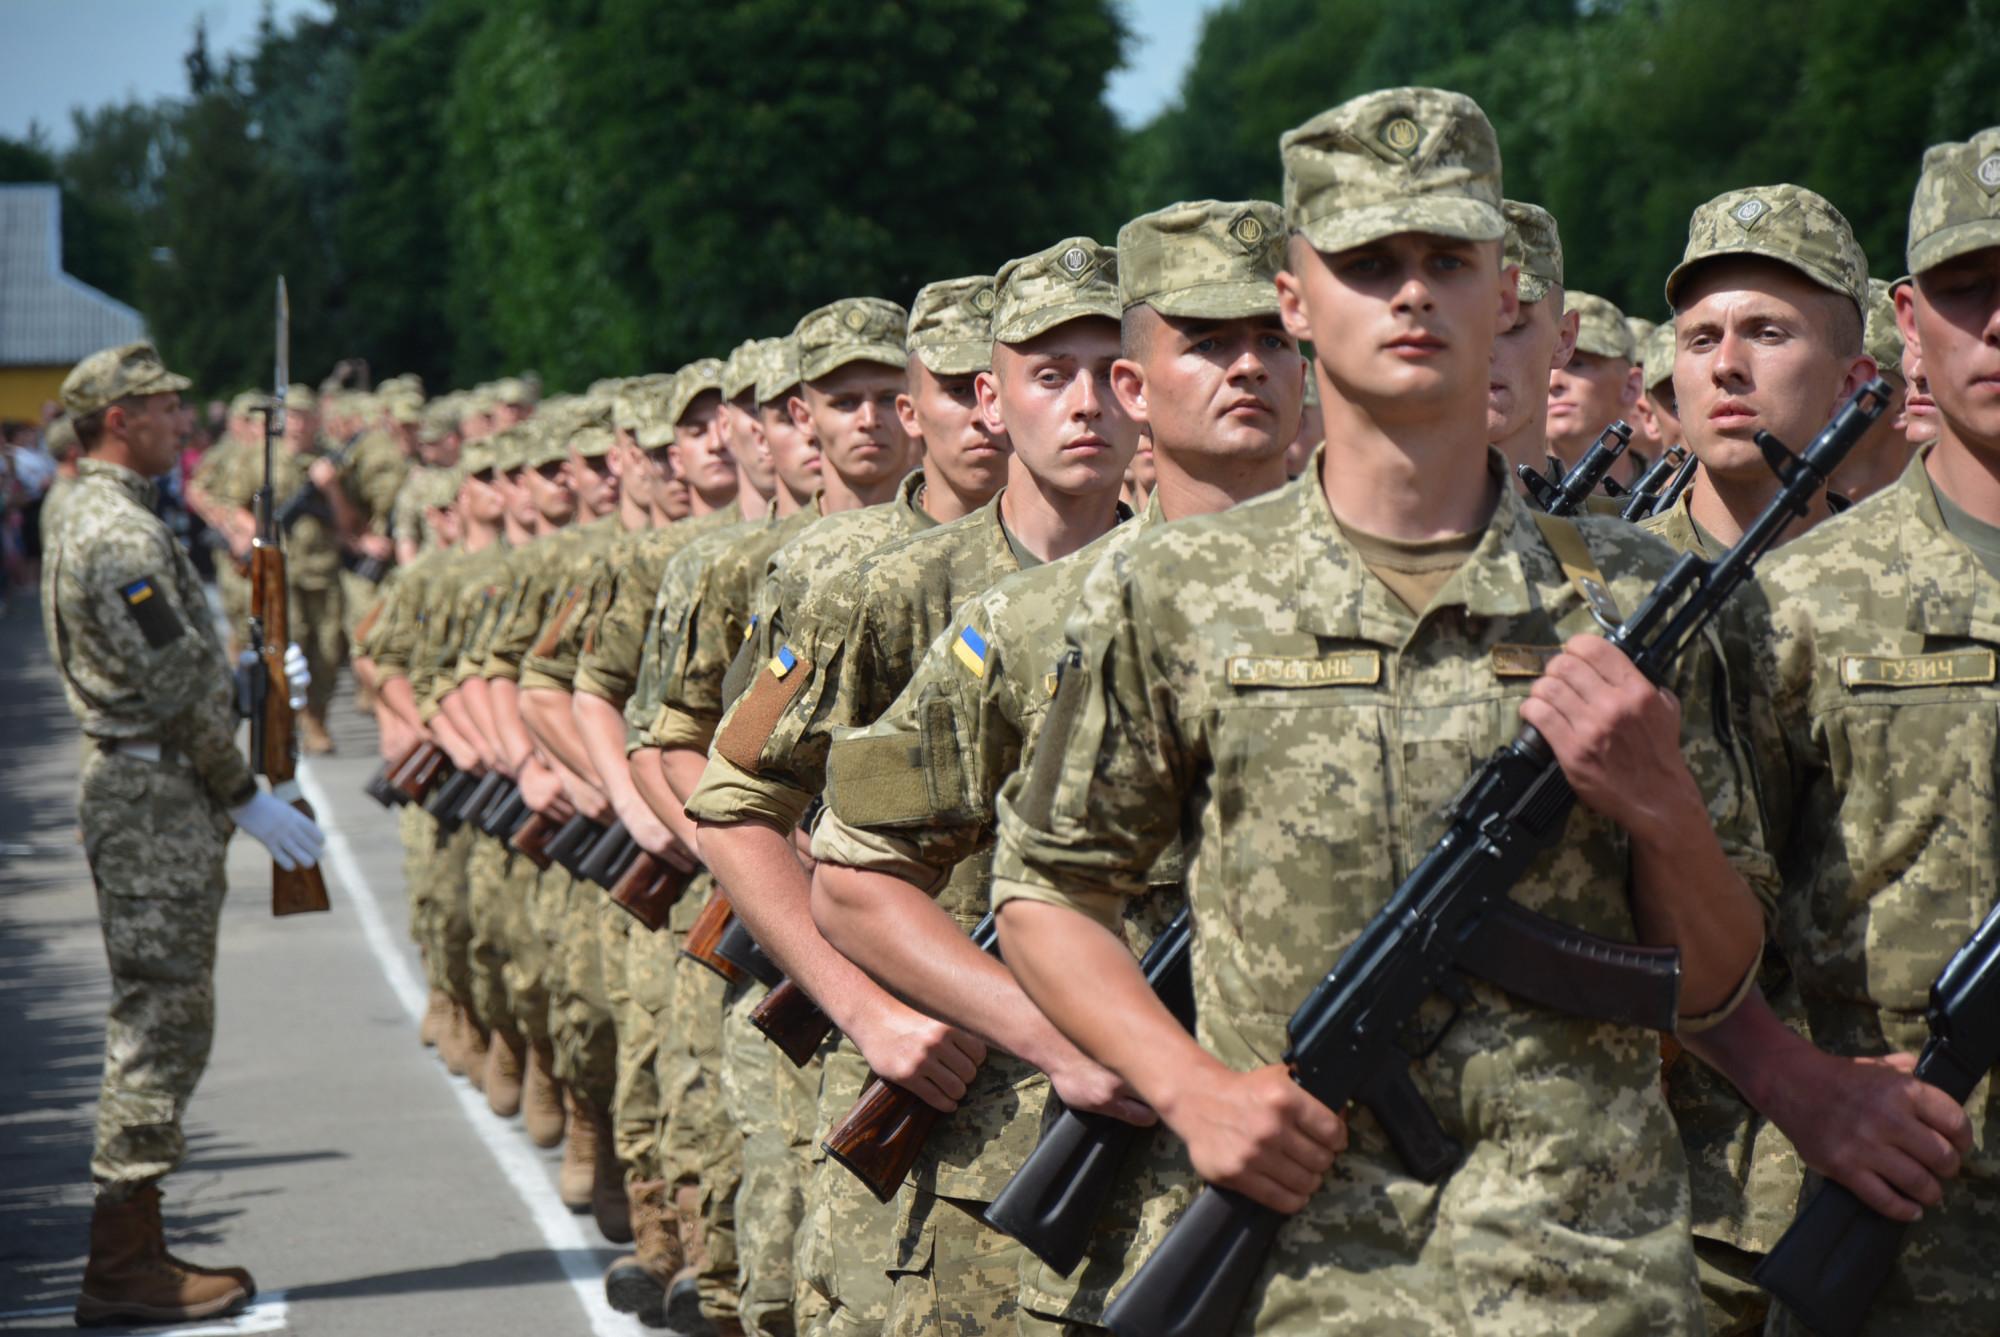 Армія за 7 днів: гелікоптери для кордону та військова поліція за стандартами НАТО